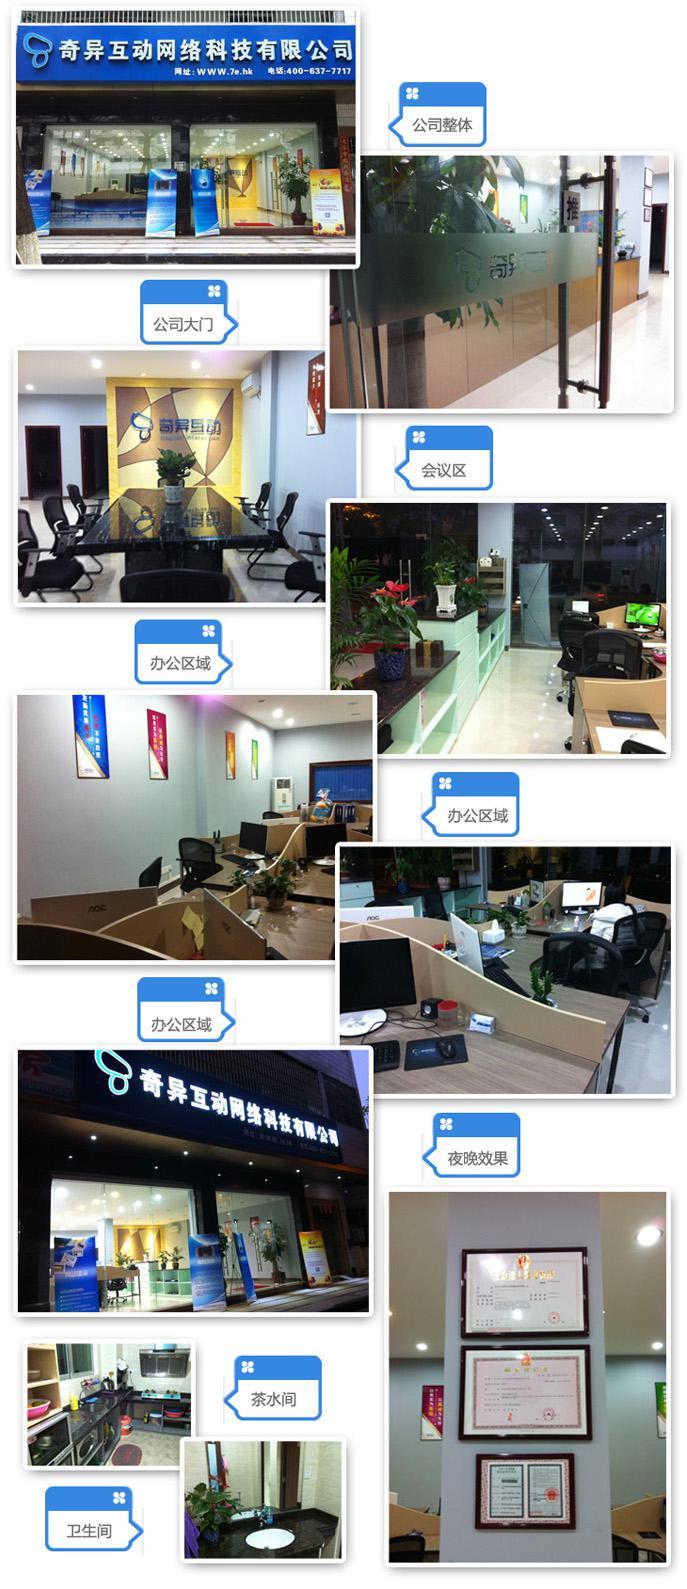 香港虚拟空间租用服务